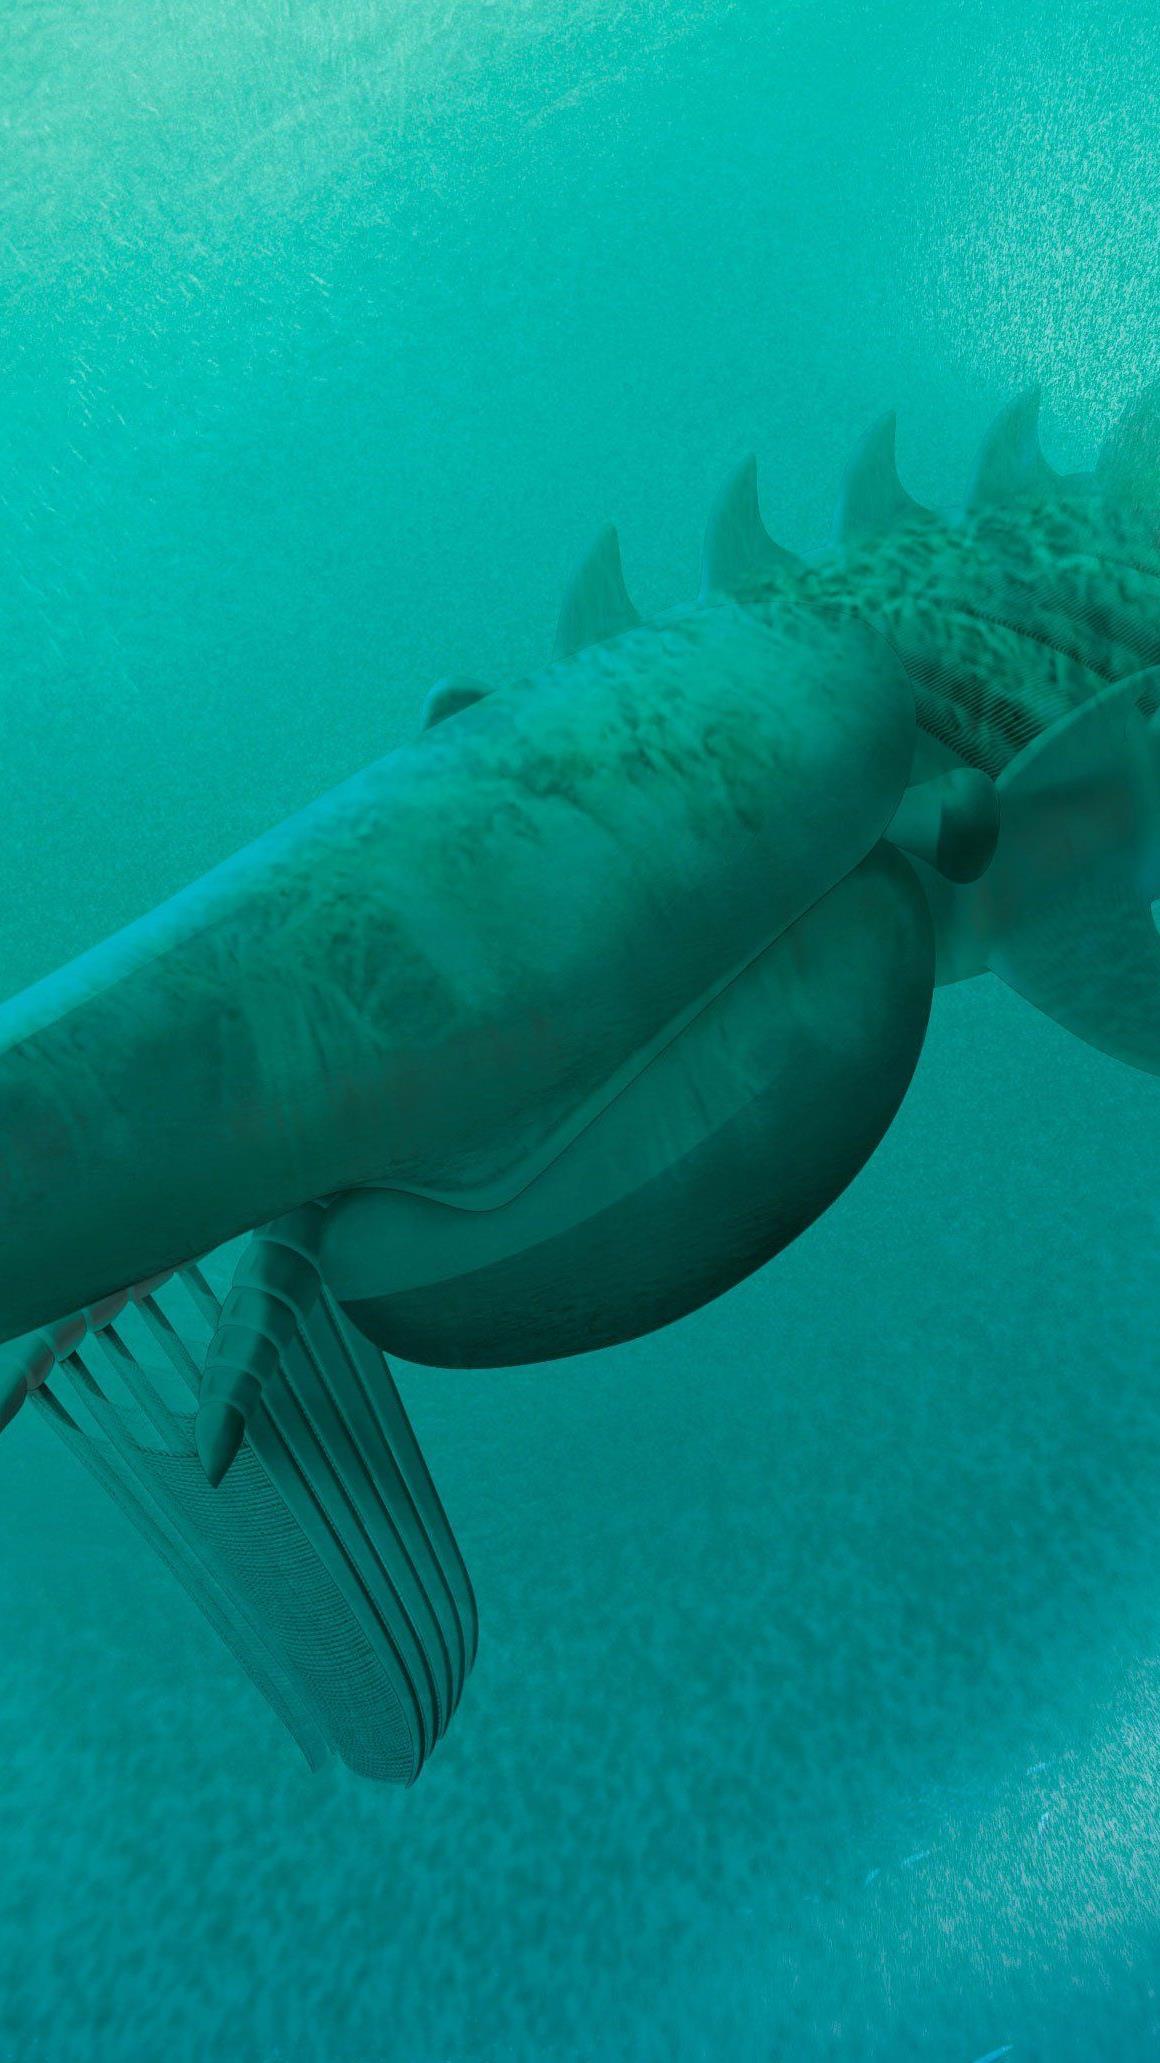 In den Meeren der Urzeit: Aegirocassis benmoulae war mit Fangkorb auf Nahrungssuche.